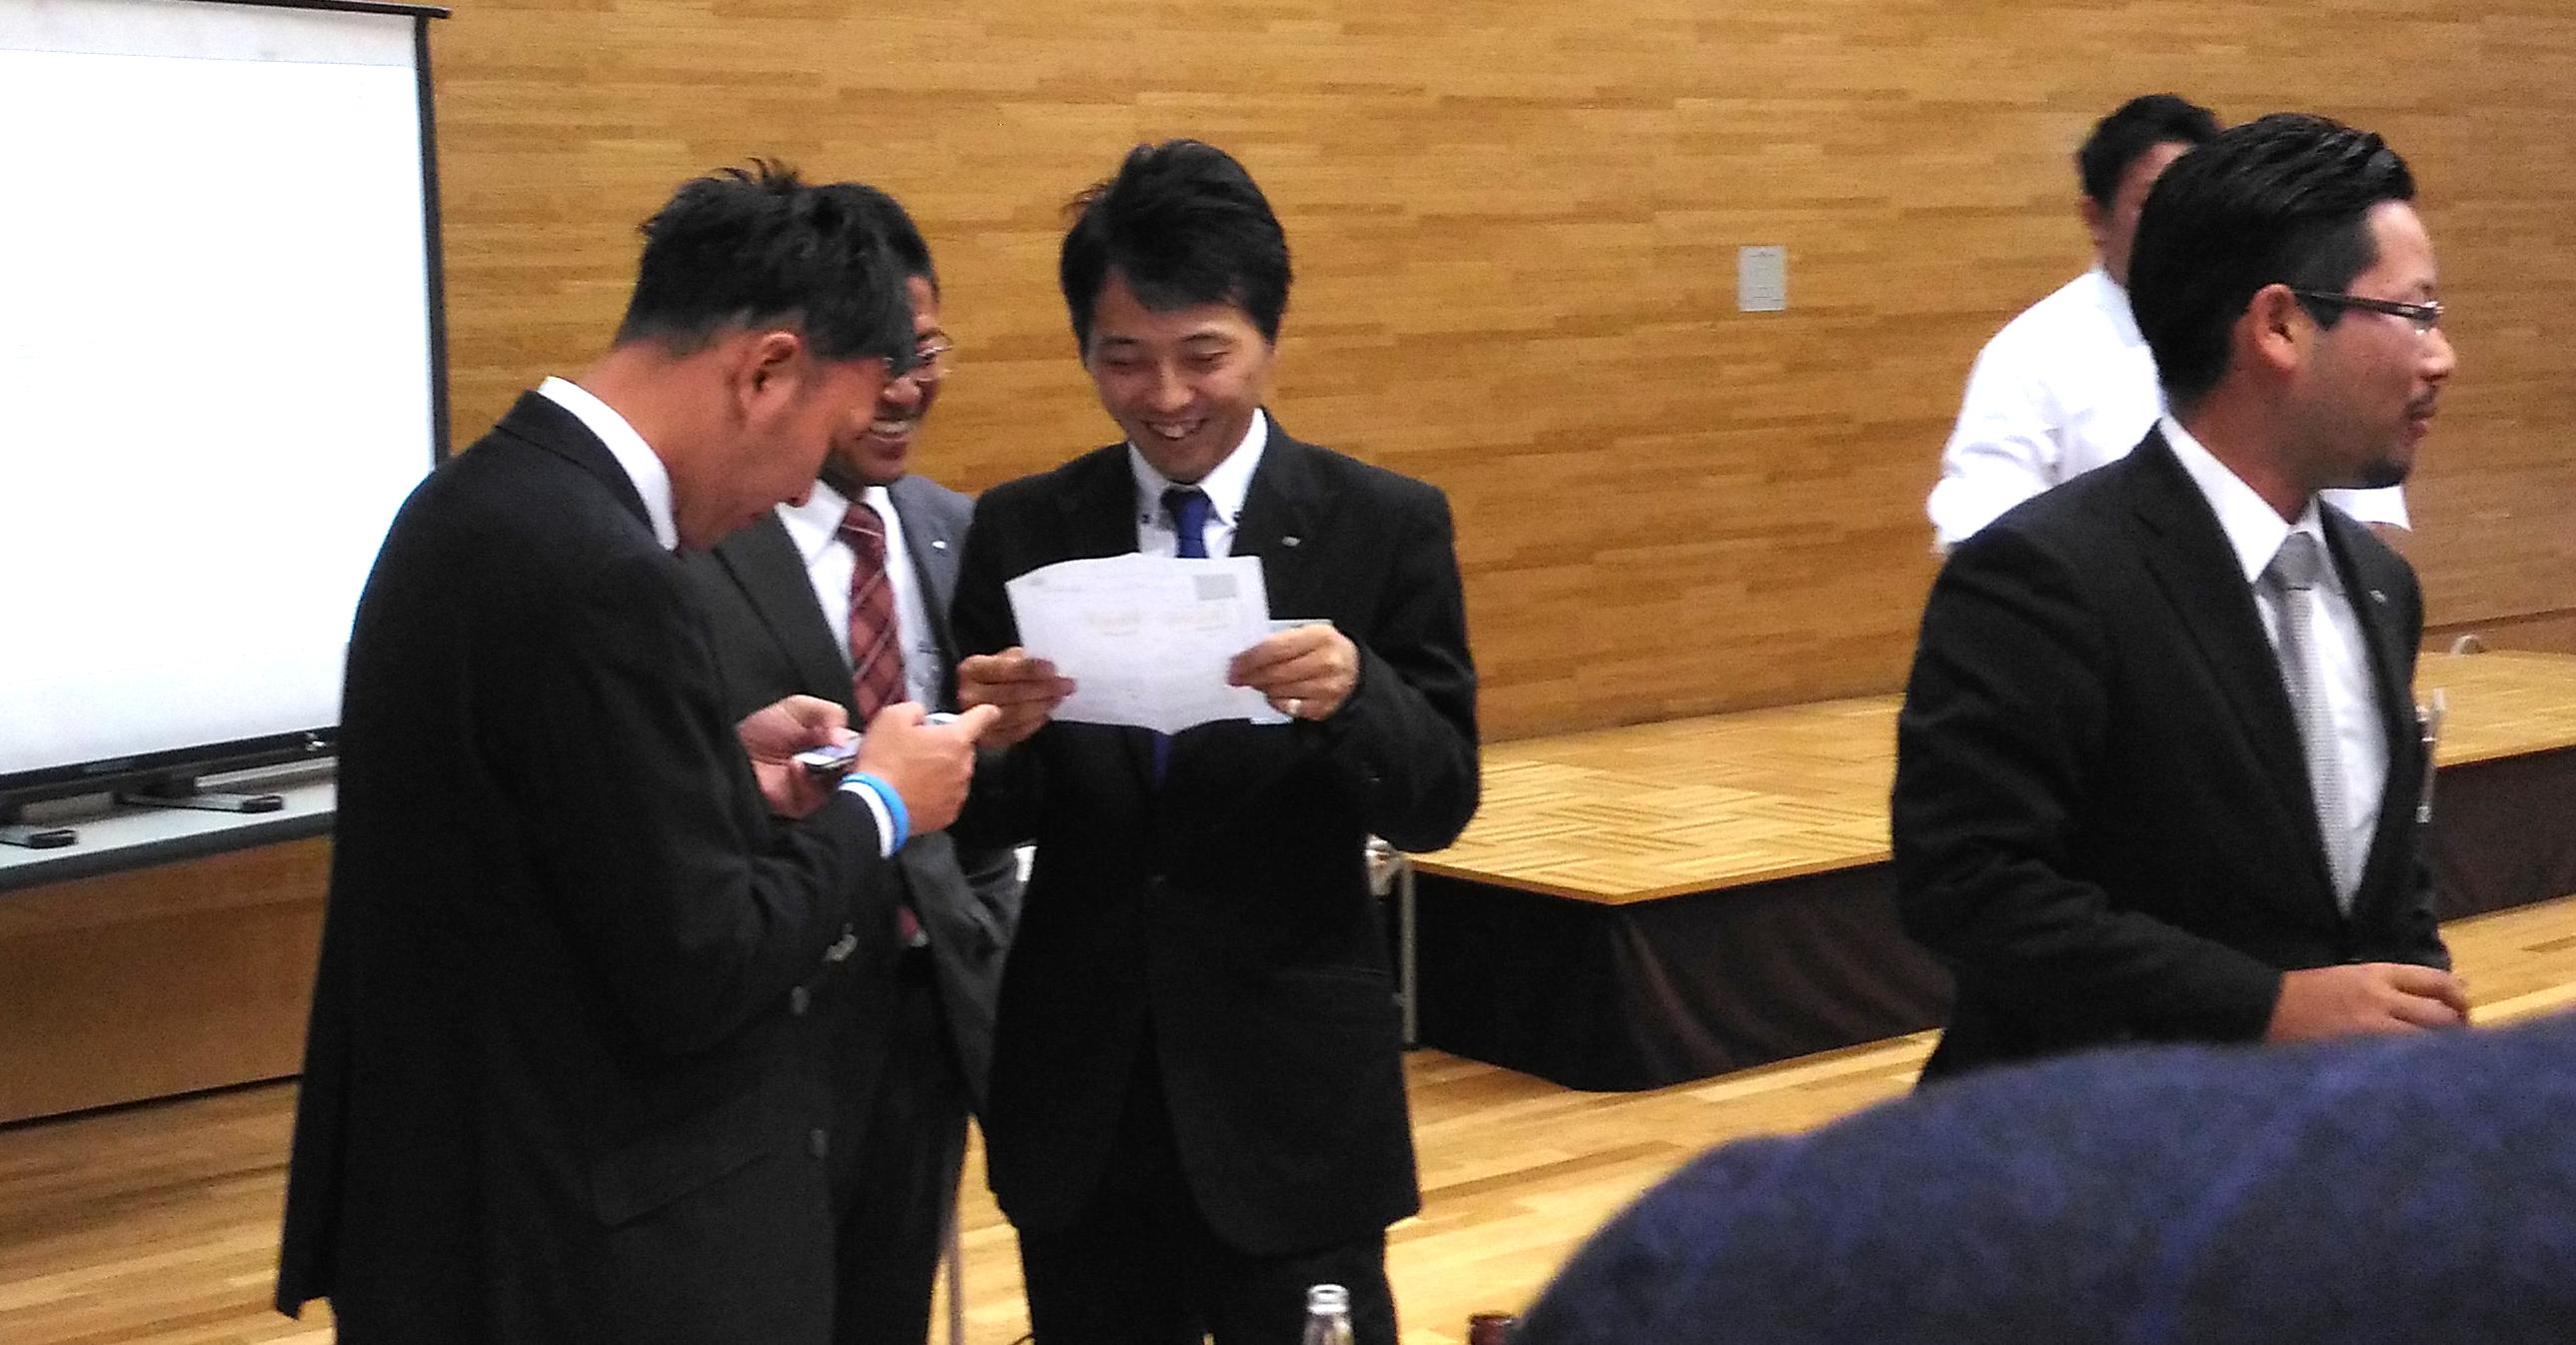 一般社団法人茨木青年会議所